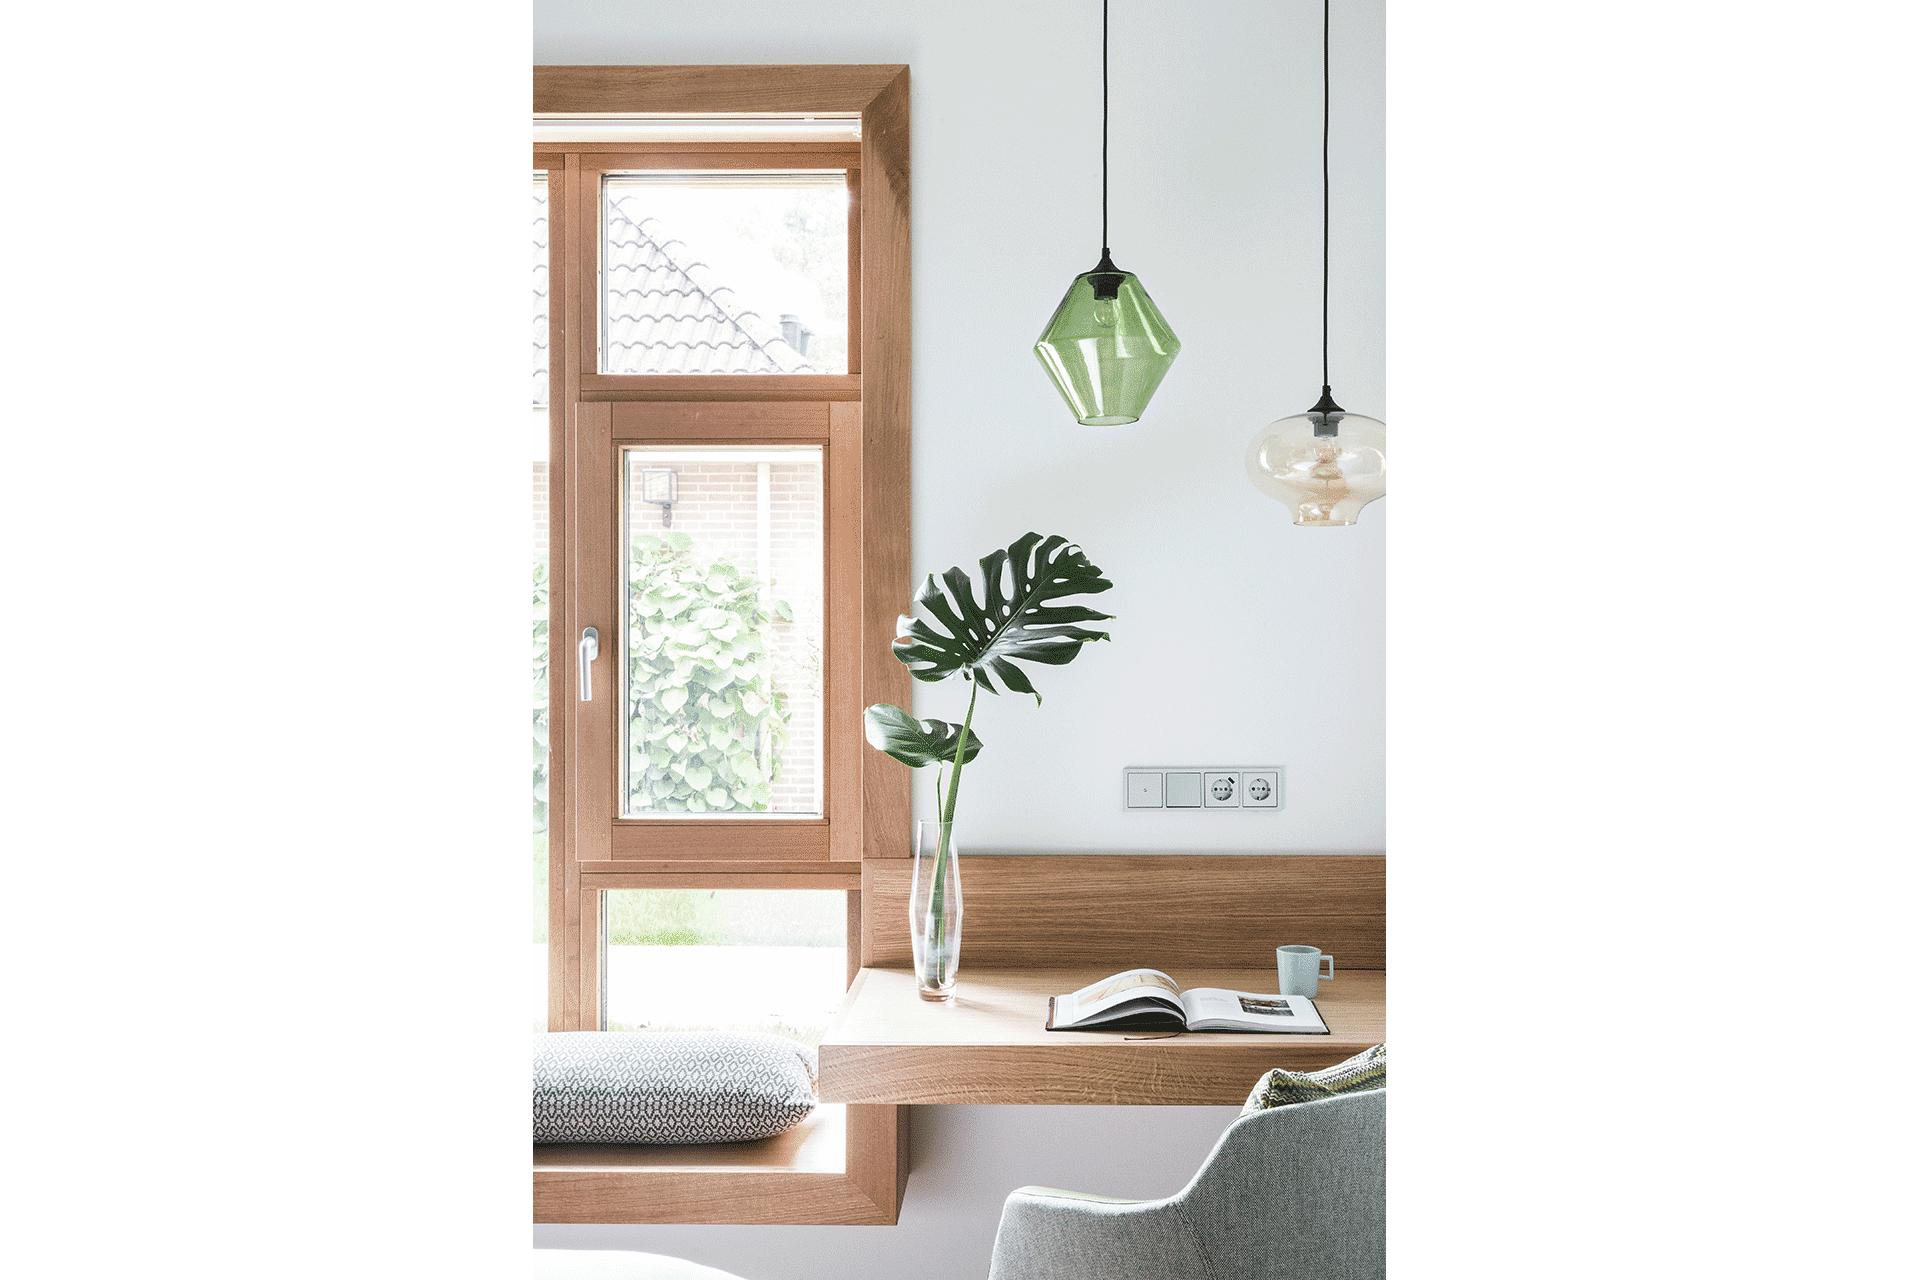 architect zoetmulder hout kozijn bankje verlichting costum-made plant groen duurzaam kussen hotel design hotelkamer